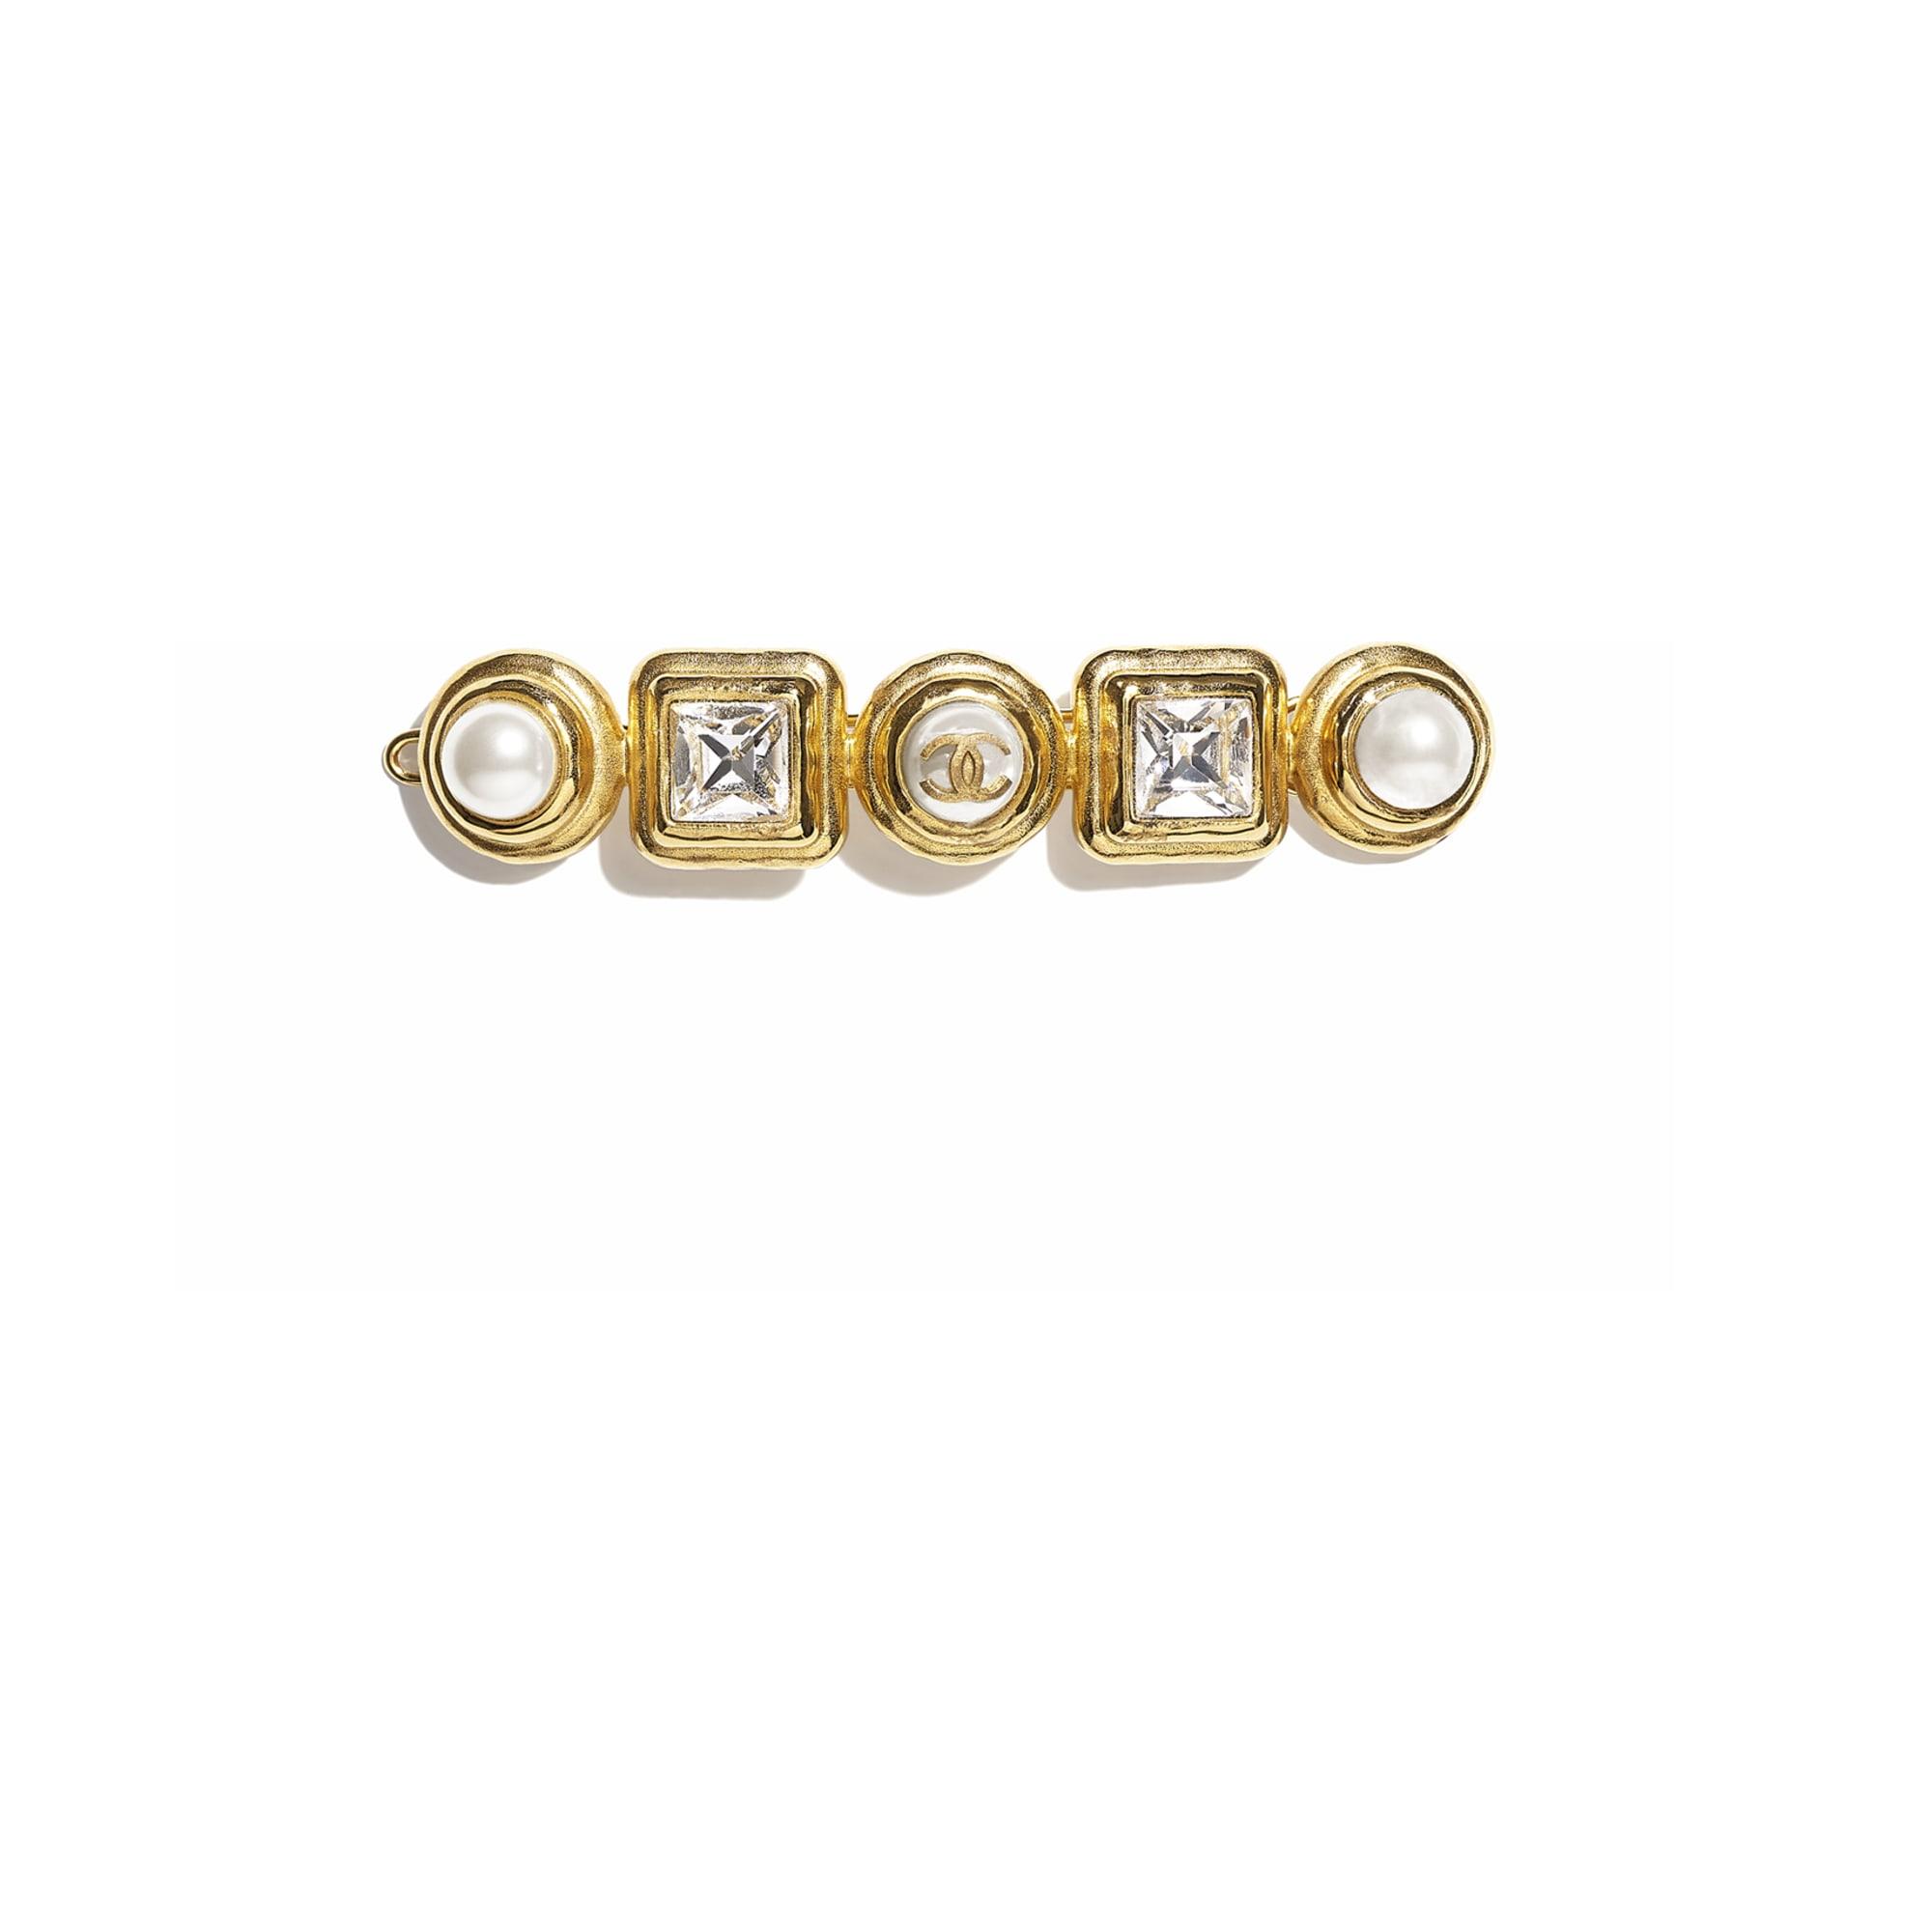 Barrette - Doré, blanc nacré & cristal - Métal, perles de verre & strass - CHANEL - Vue par défaut - voir la version taille standard